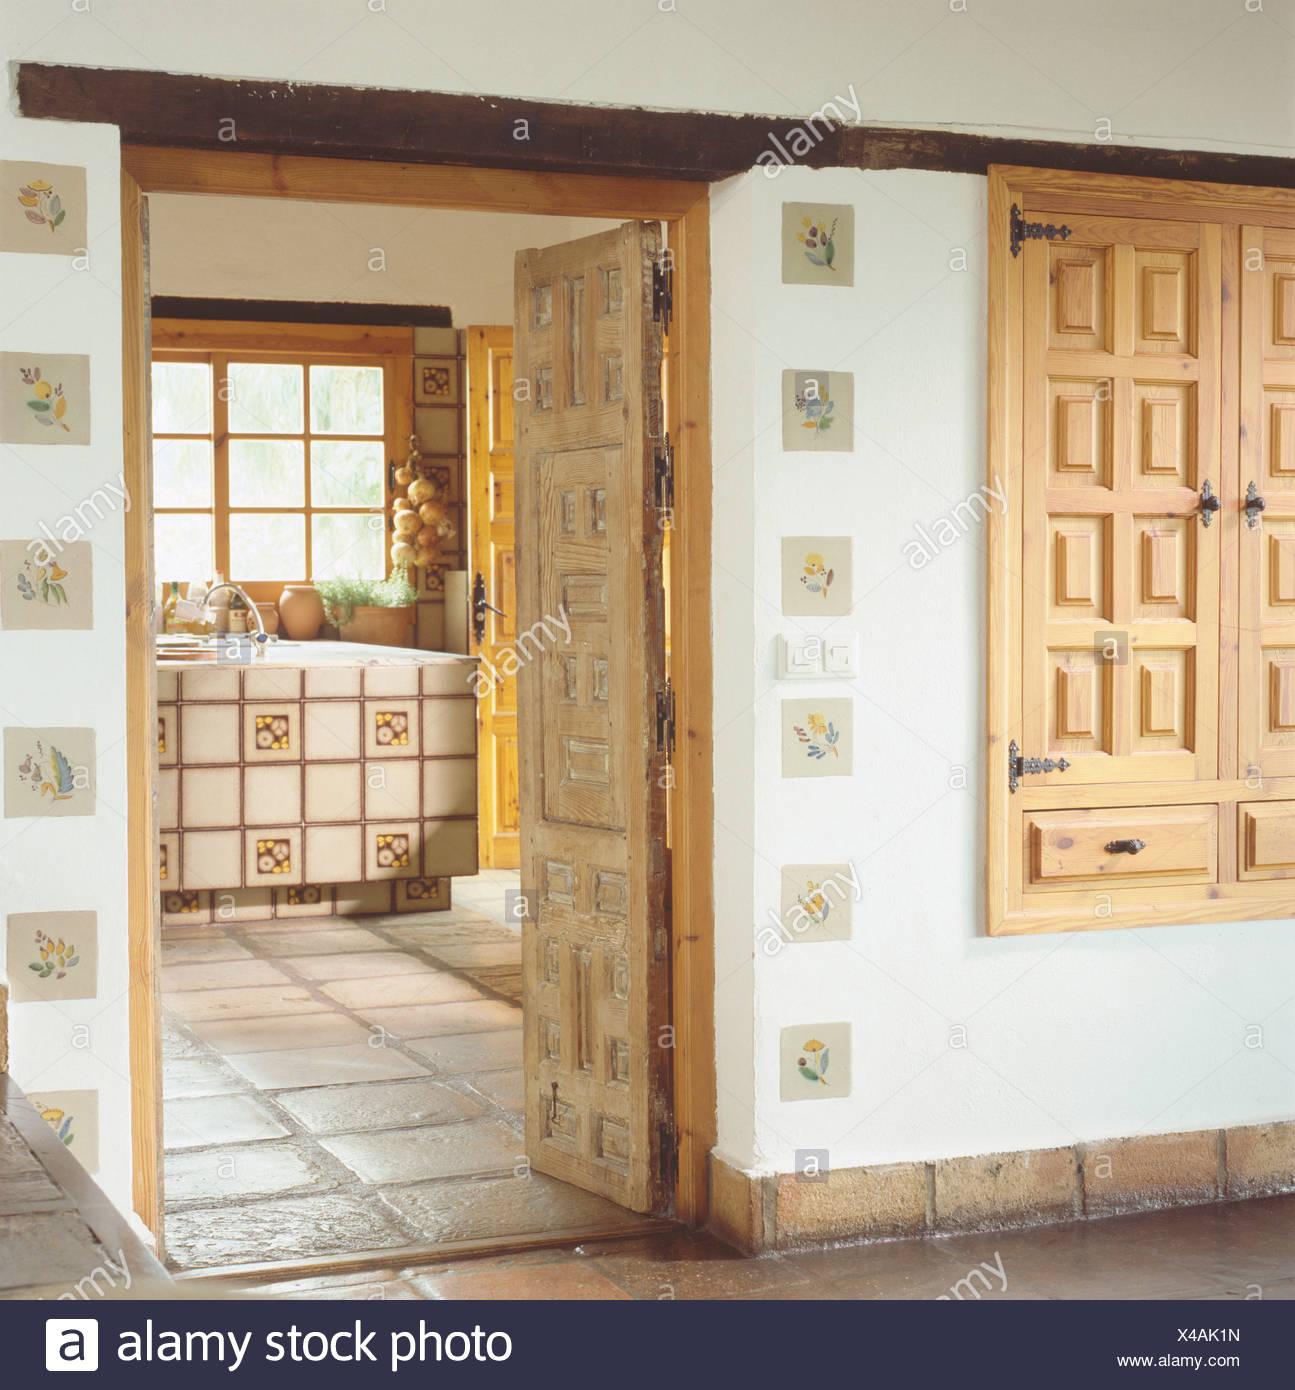 Schranktüren Küche   Geschnitzte Holzerne Schrankturen In Land Halle Mit Offener Tur